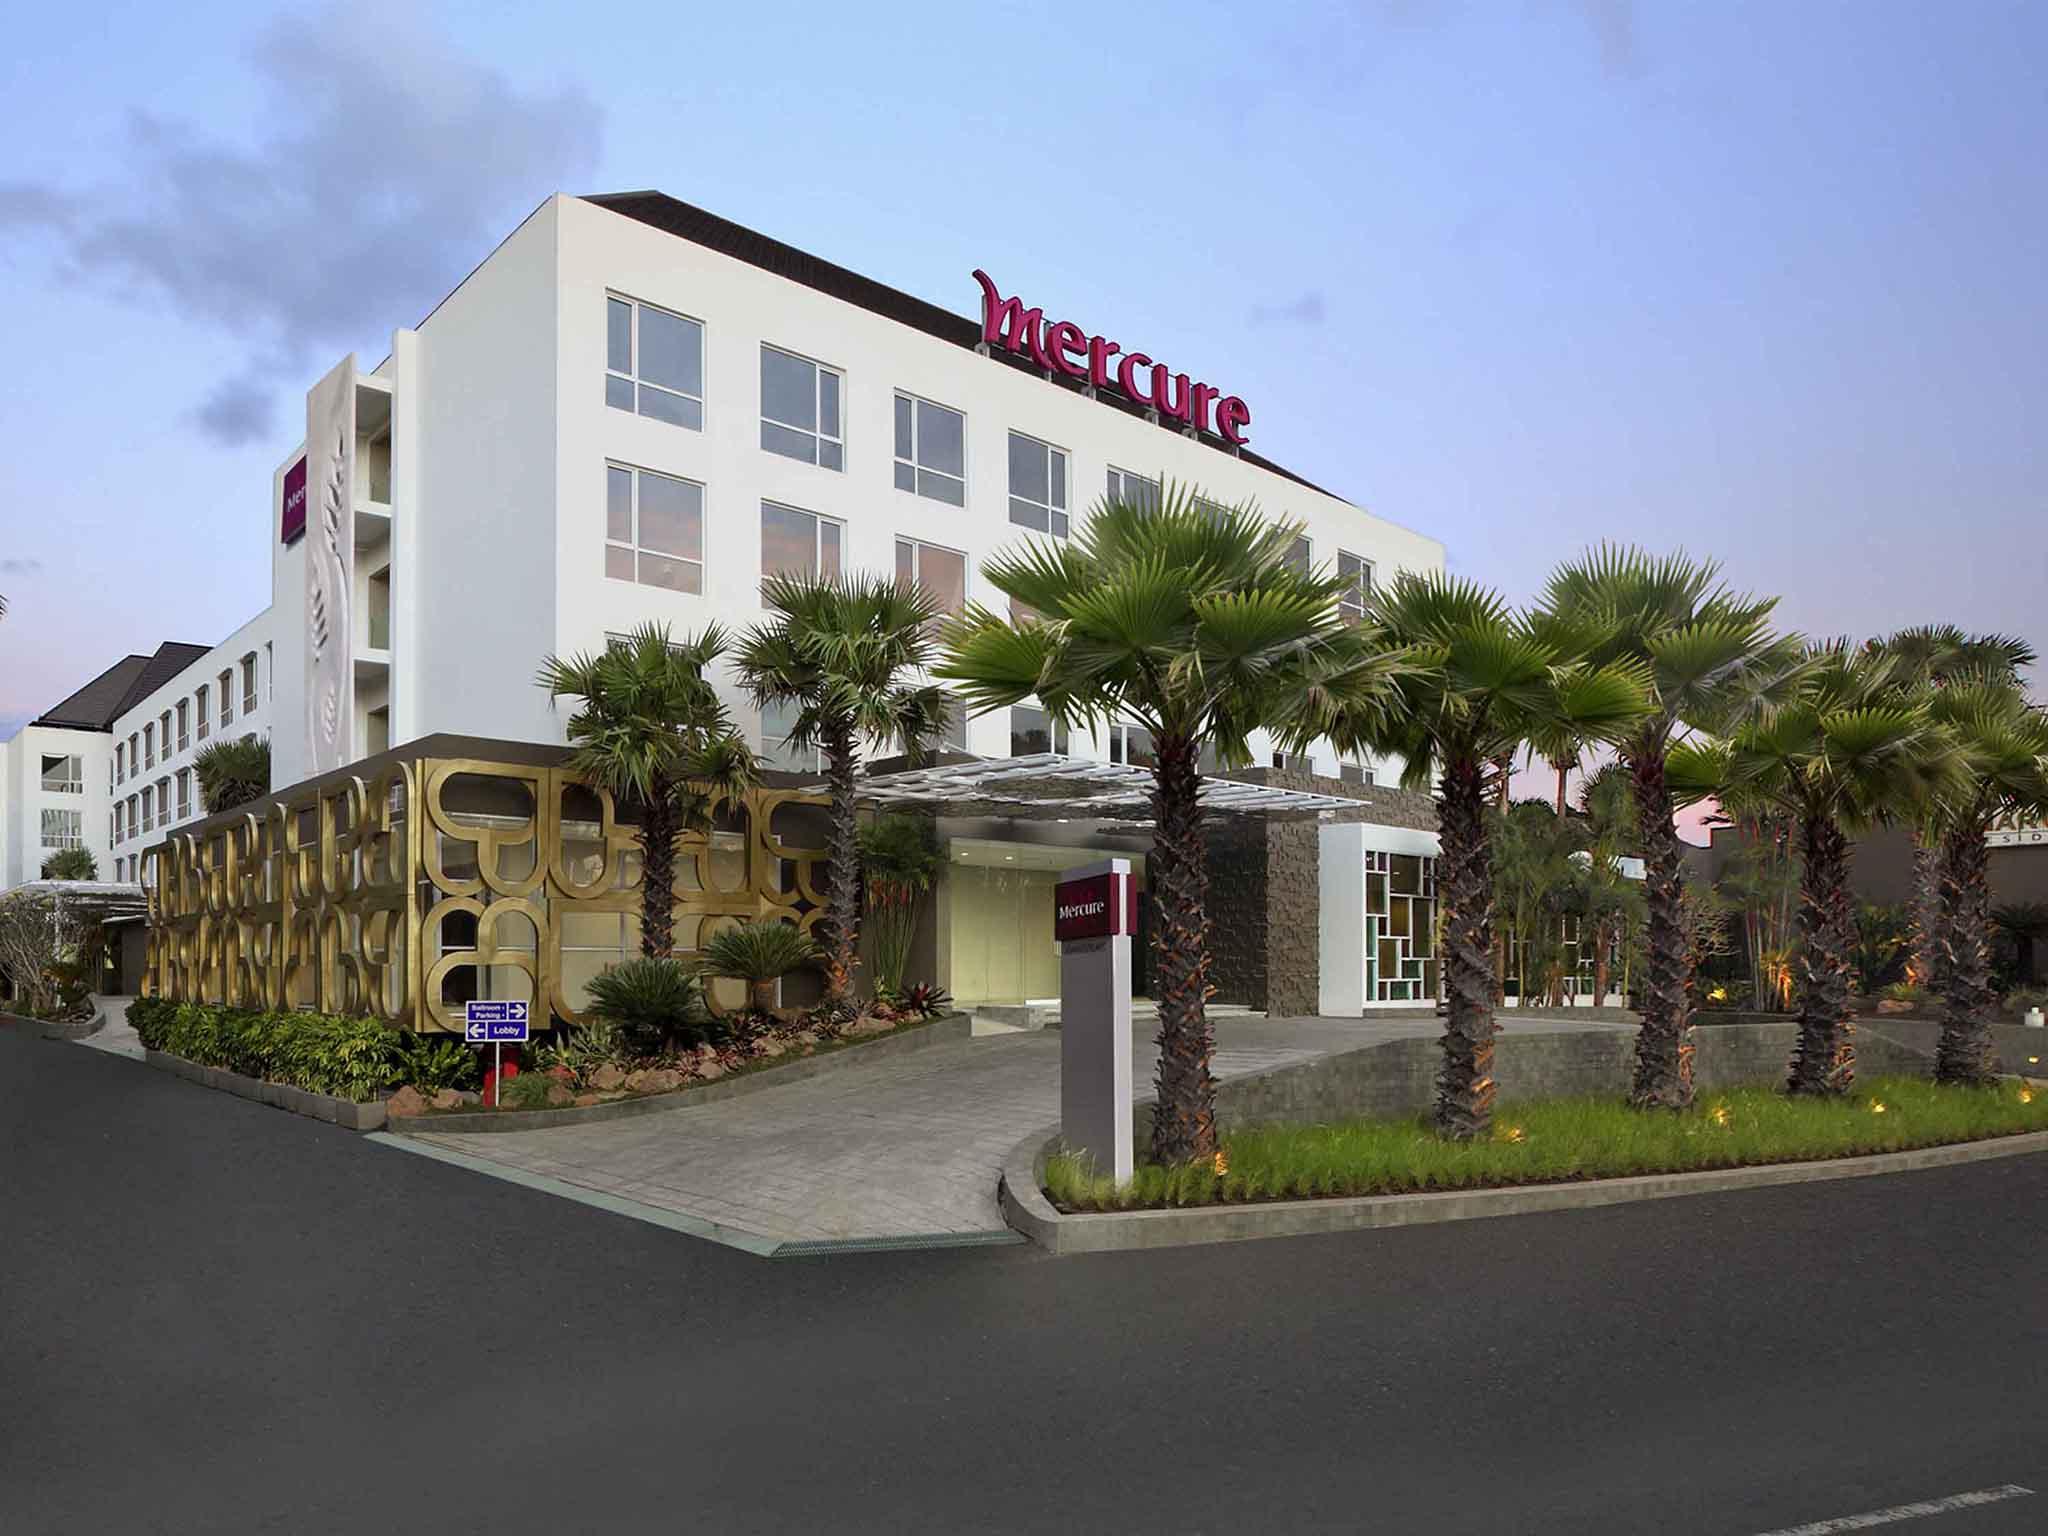 酒店 – 巴厘岛库塔哈维斯特莱德美居酒店